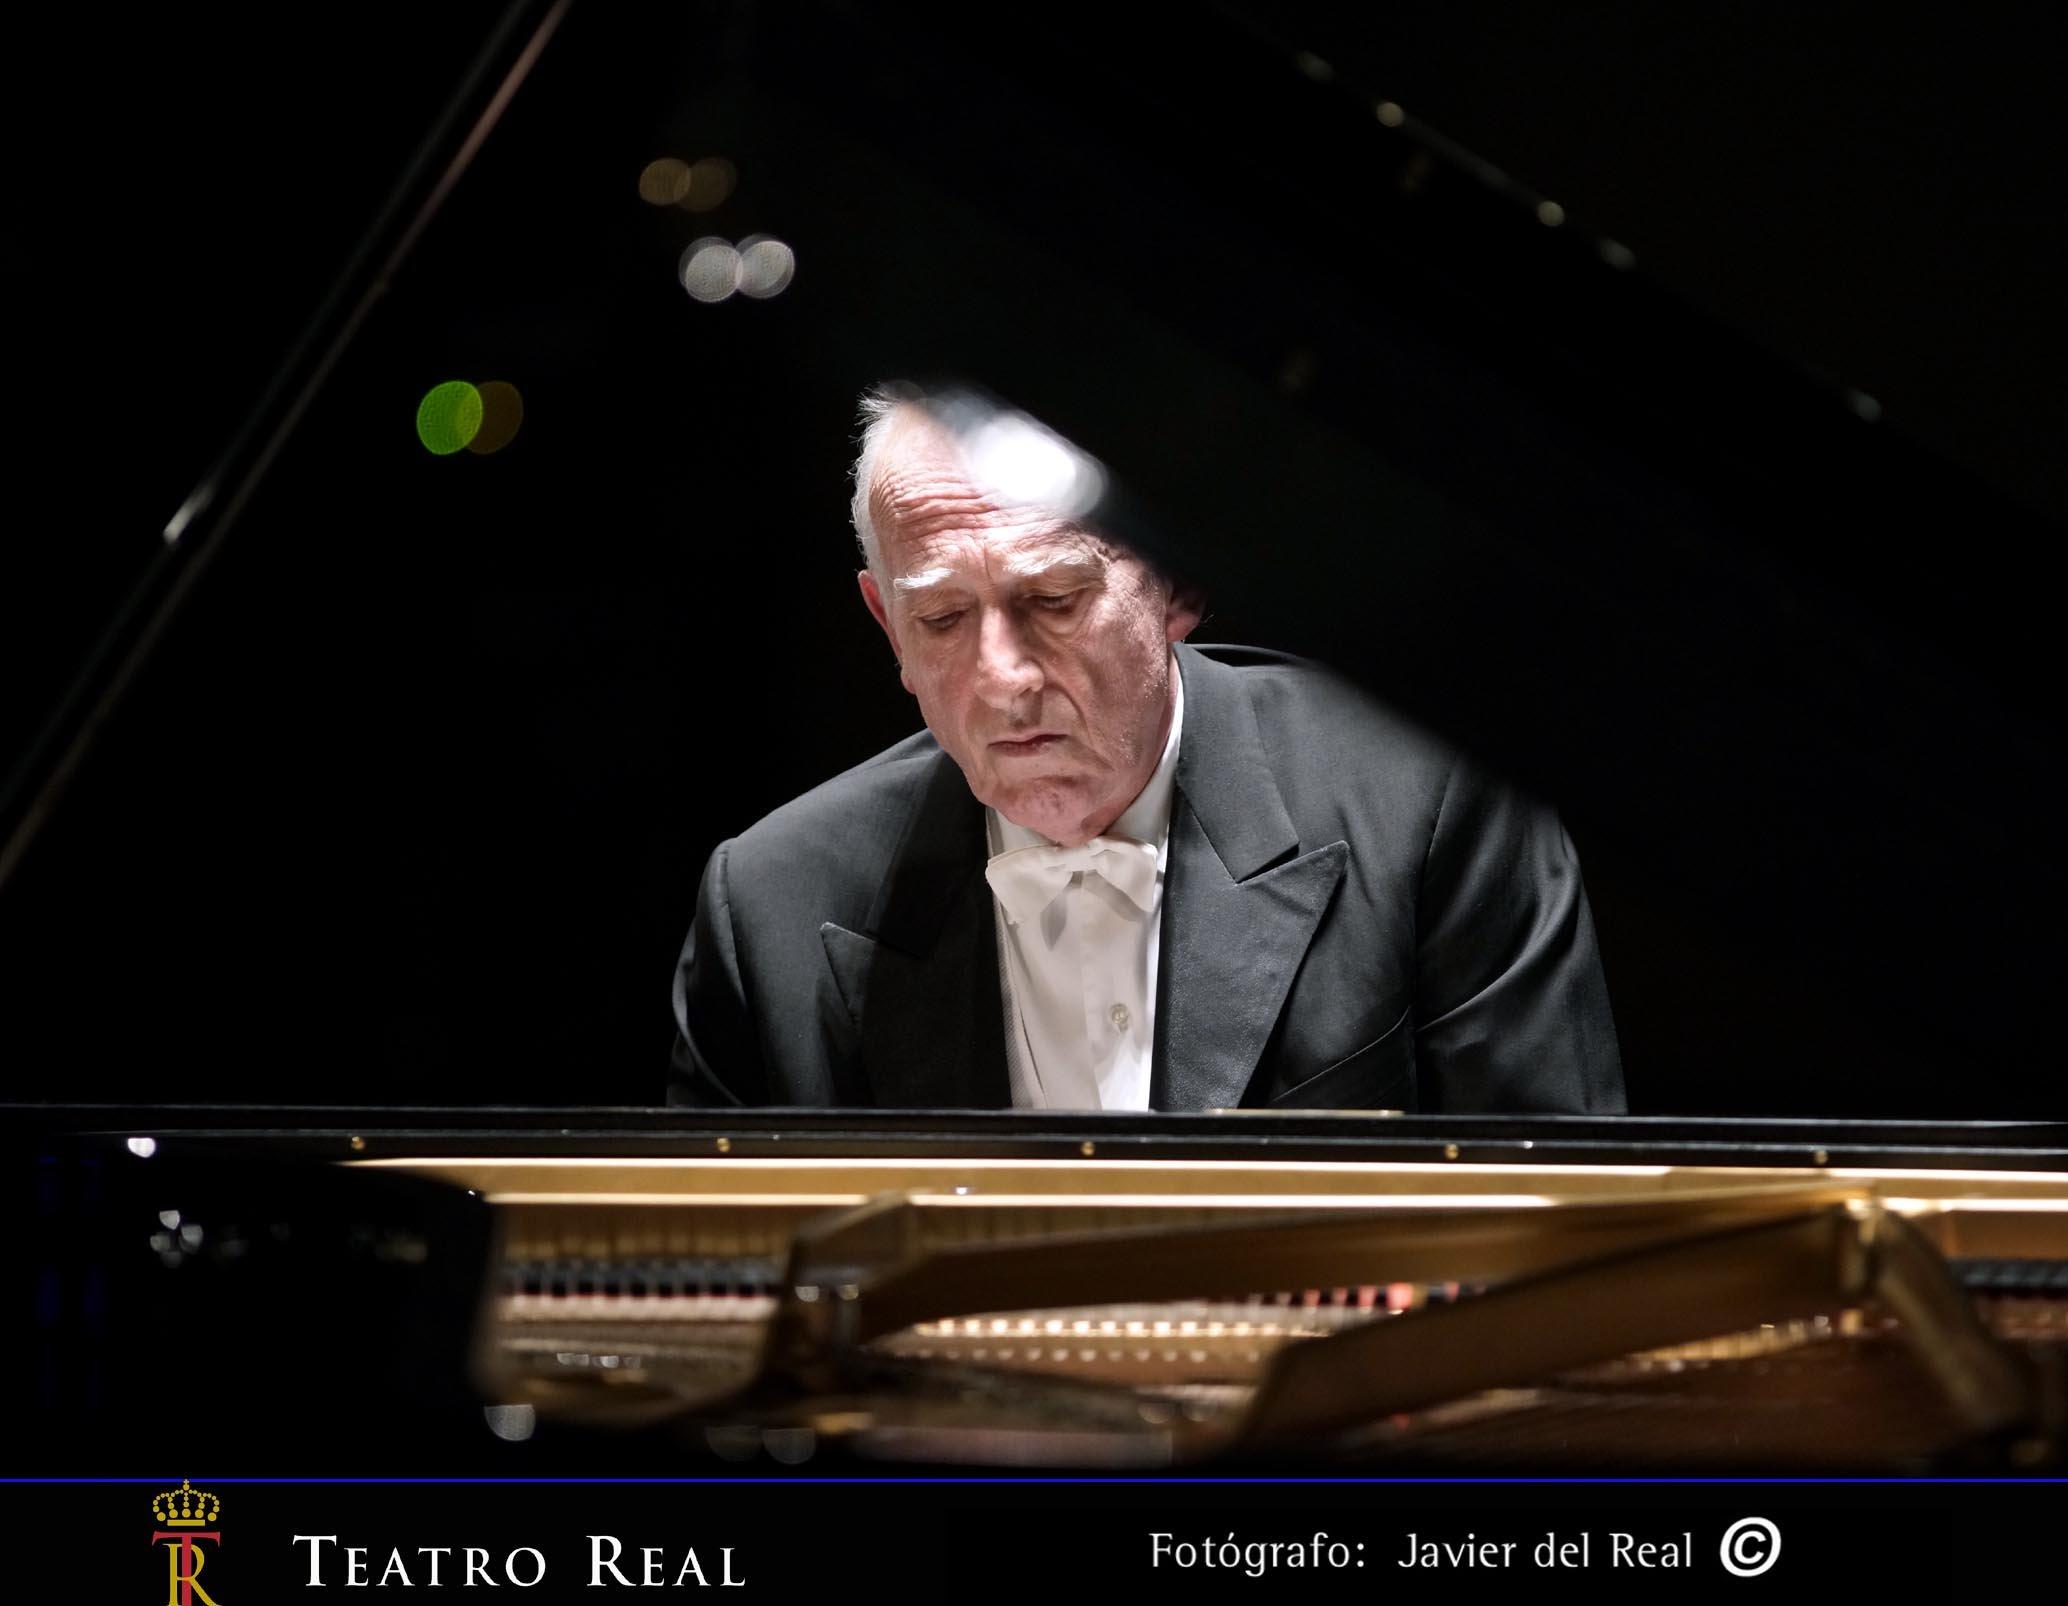 Maurizio Pollini al piano